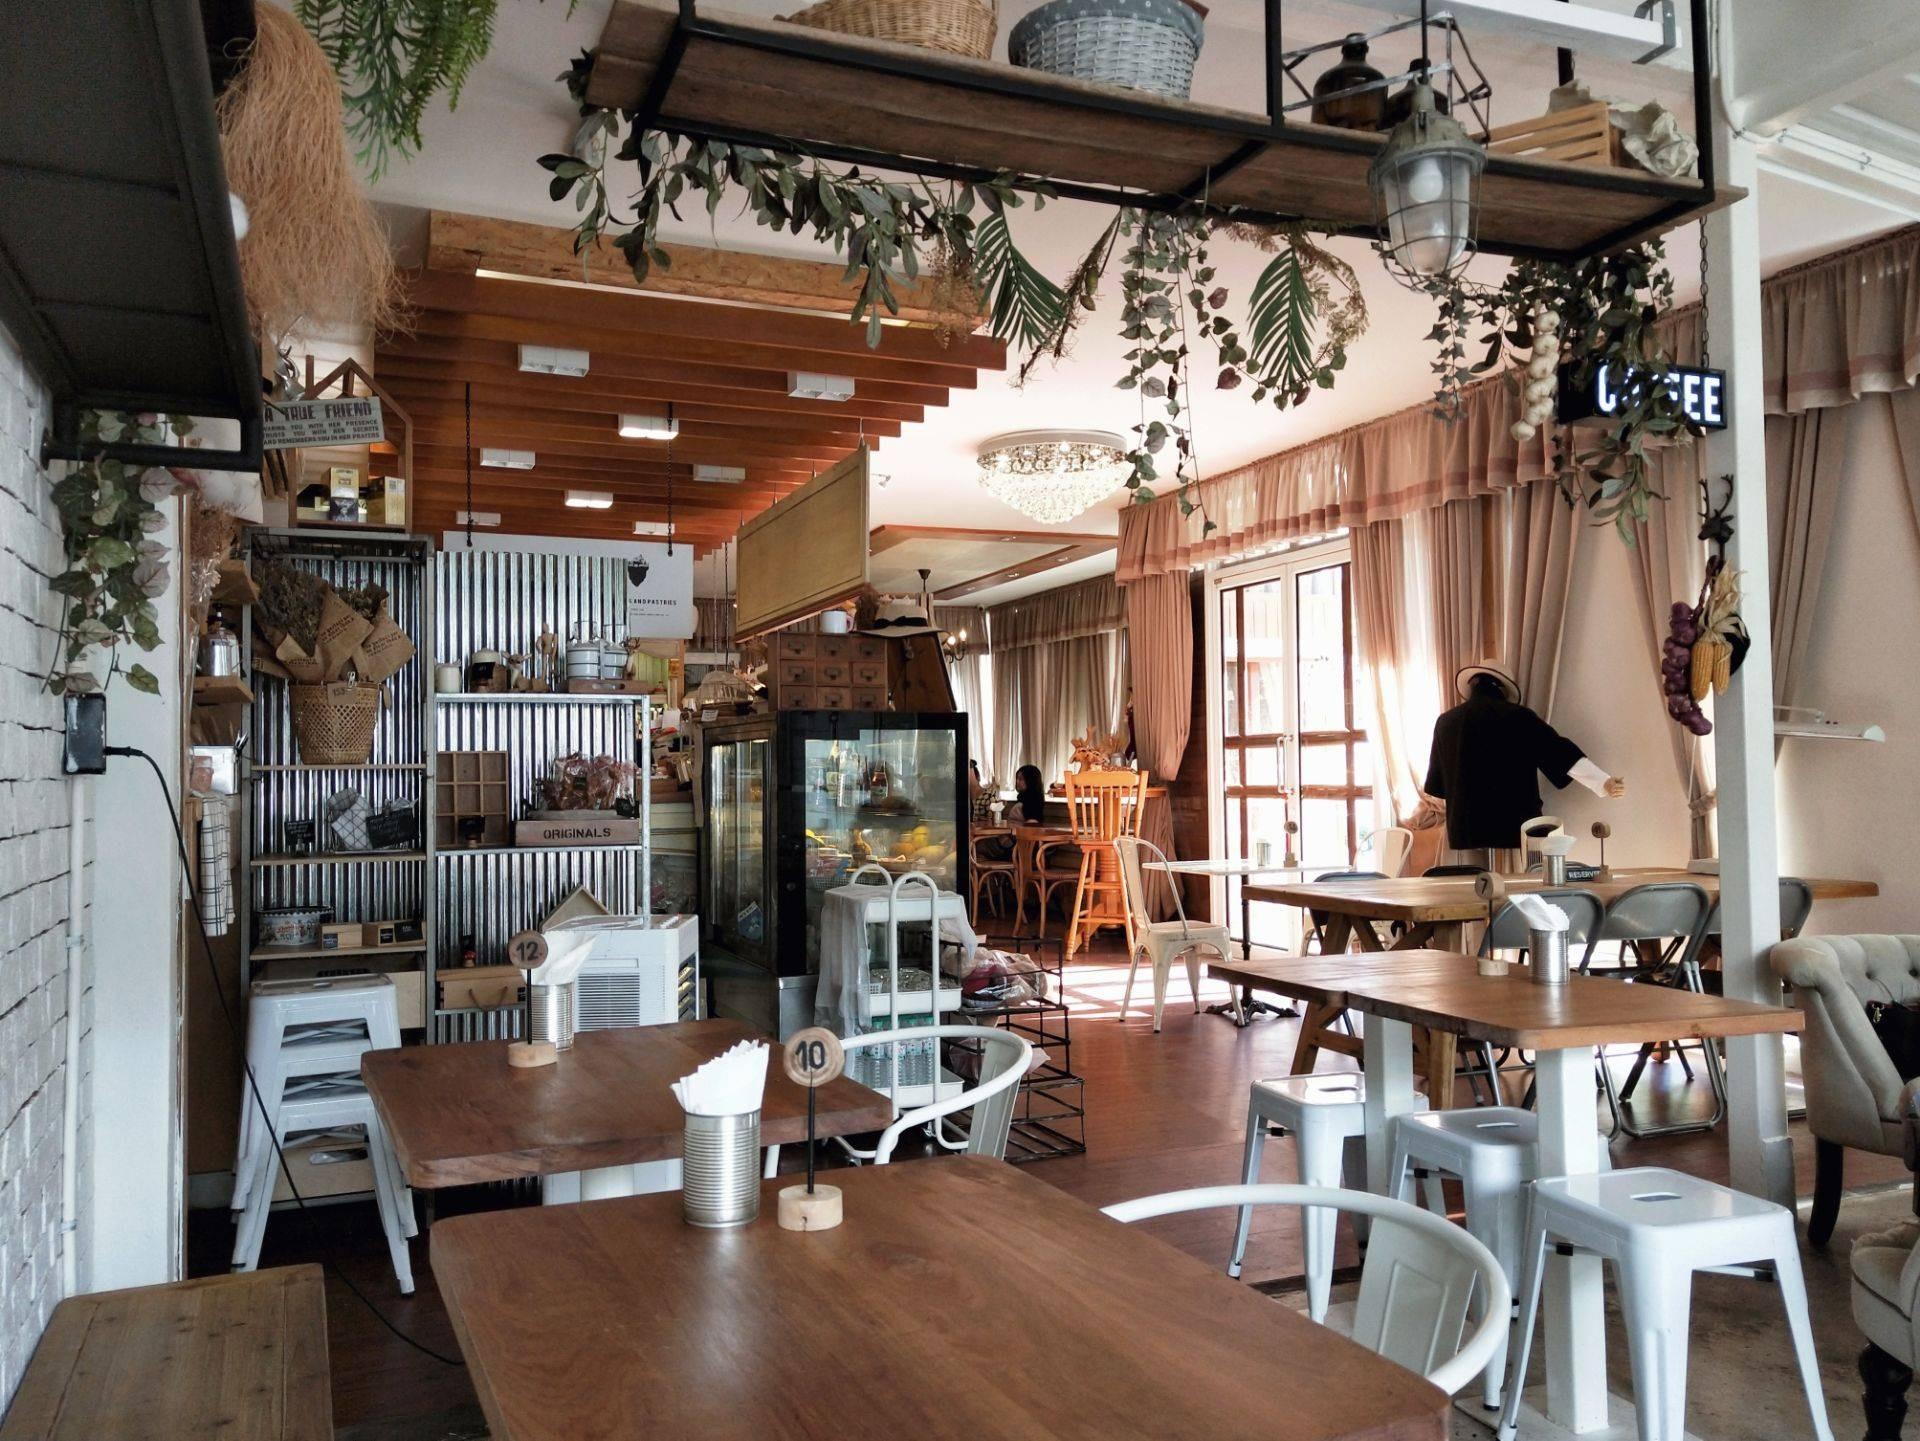 LANDDEAR CAFE & BISTRO